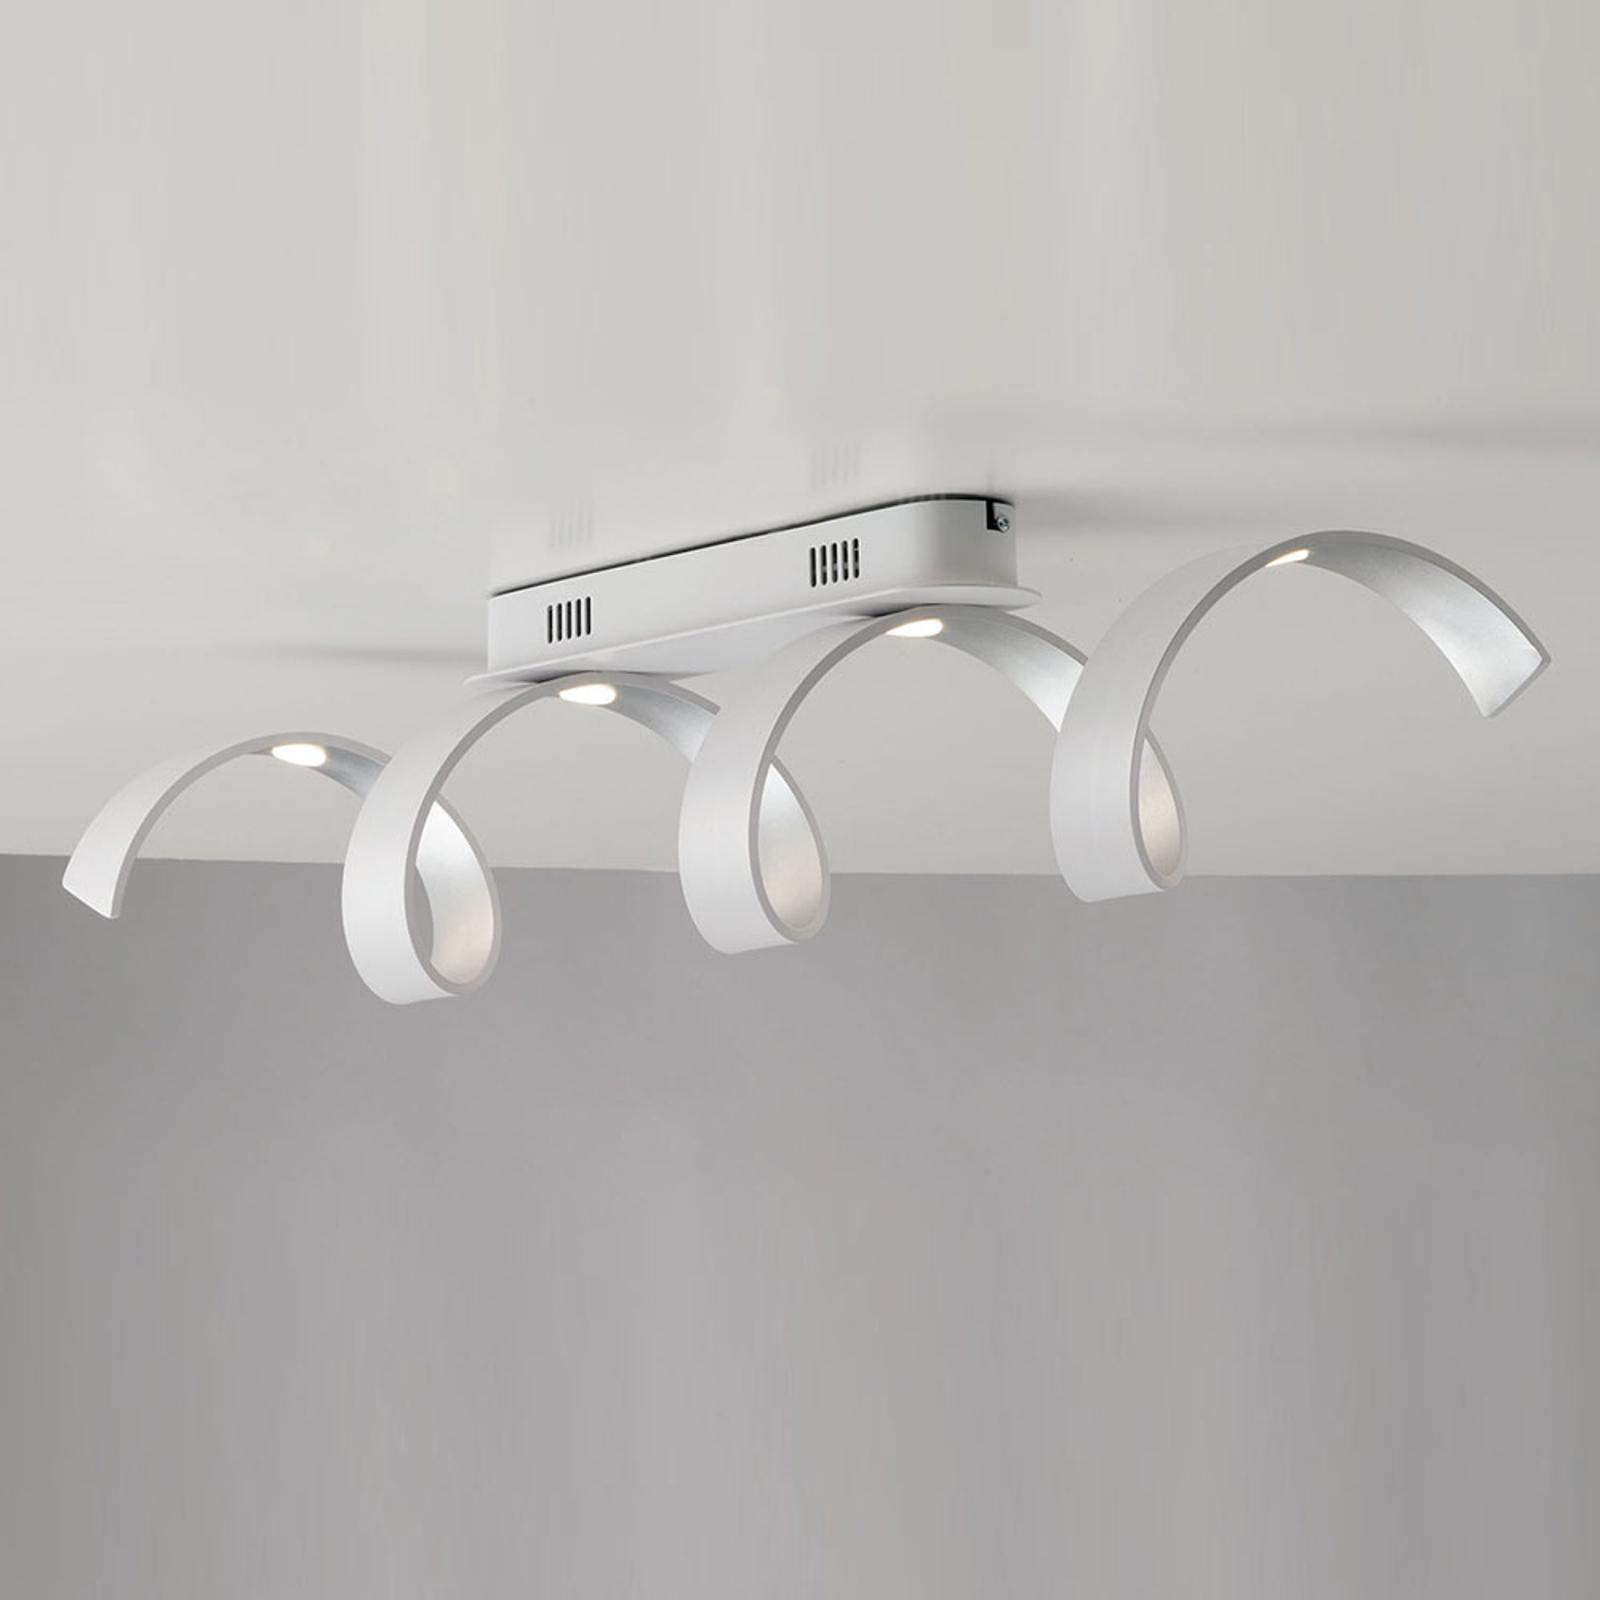 Helix LED-taklampe i hvit-sølv